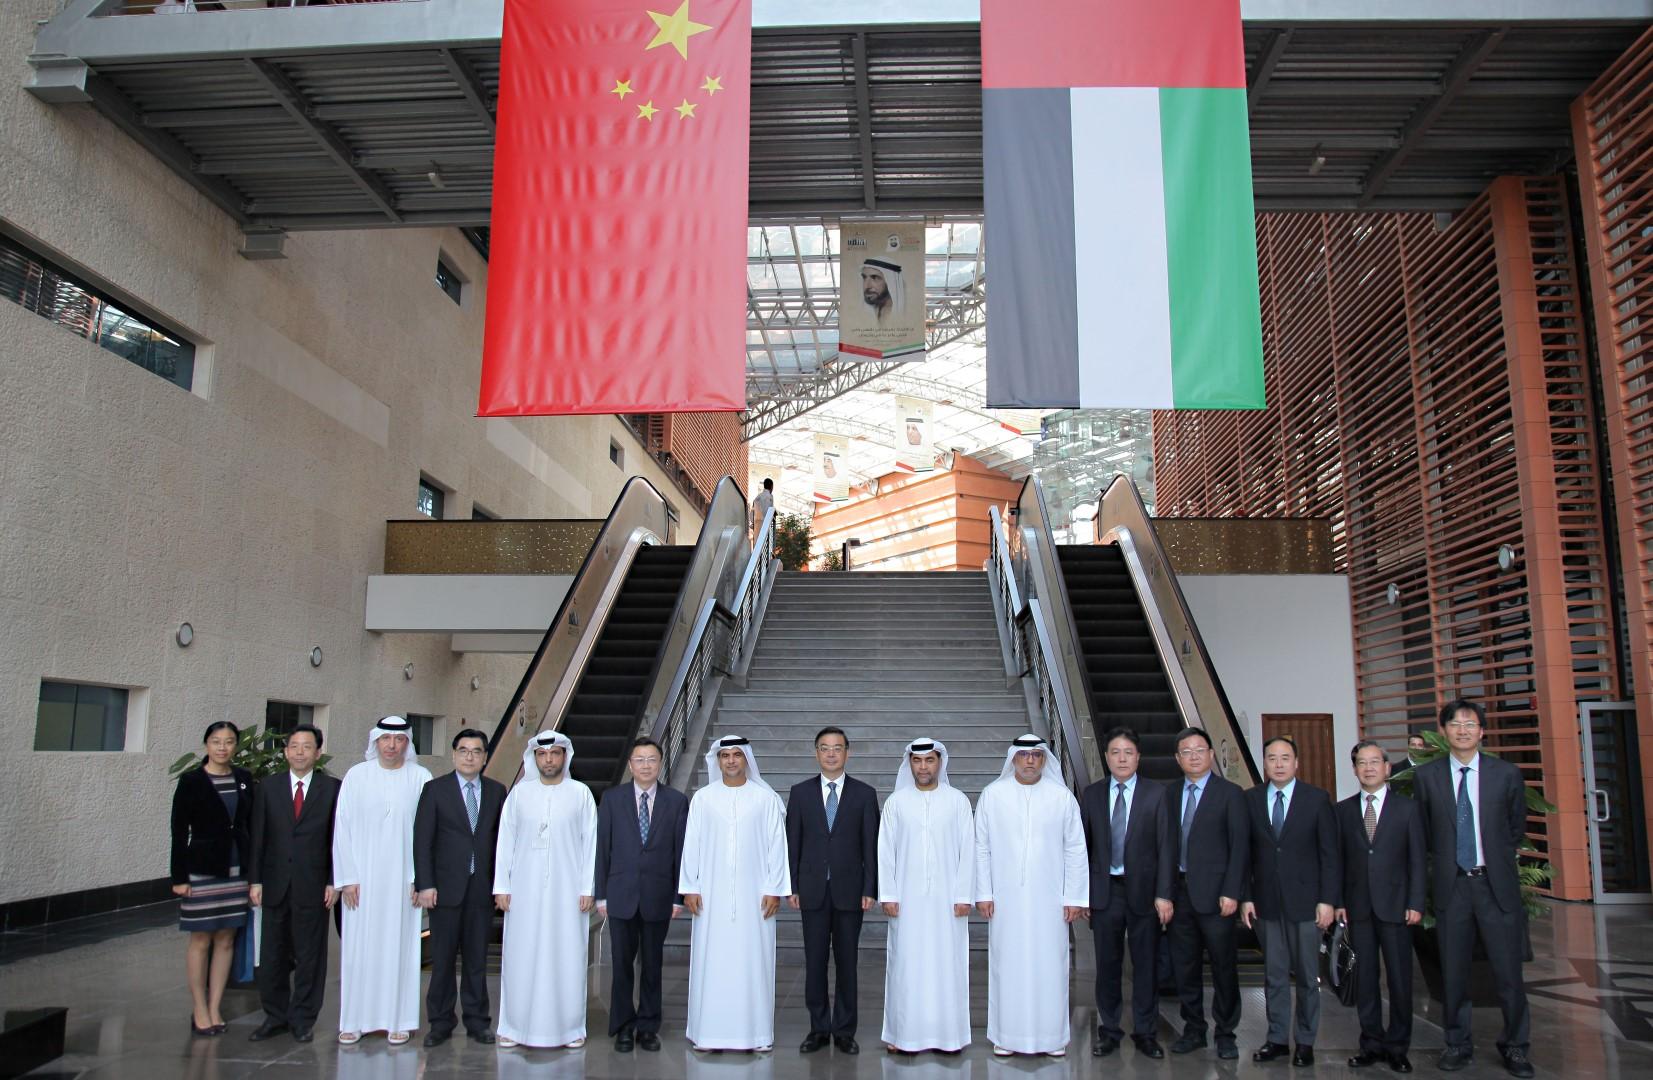 وفد من محكمة الشعب الصينية يطلع على خدمات دائرة القضاء في أبوظبي